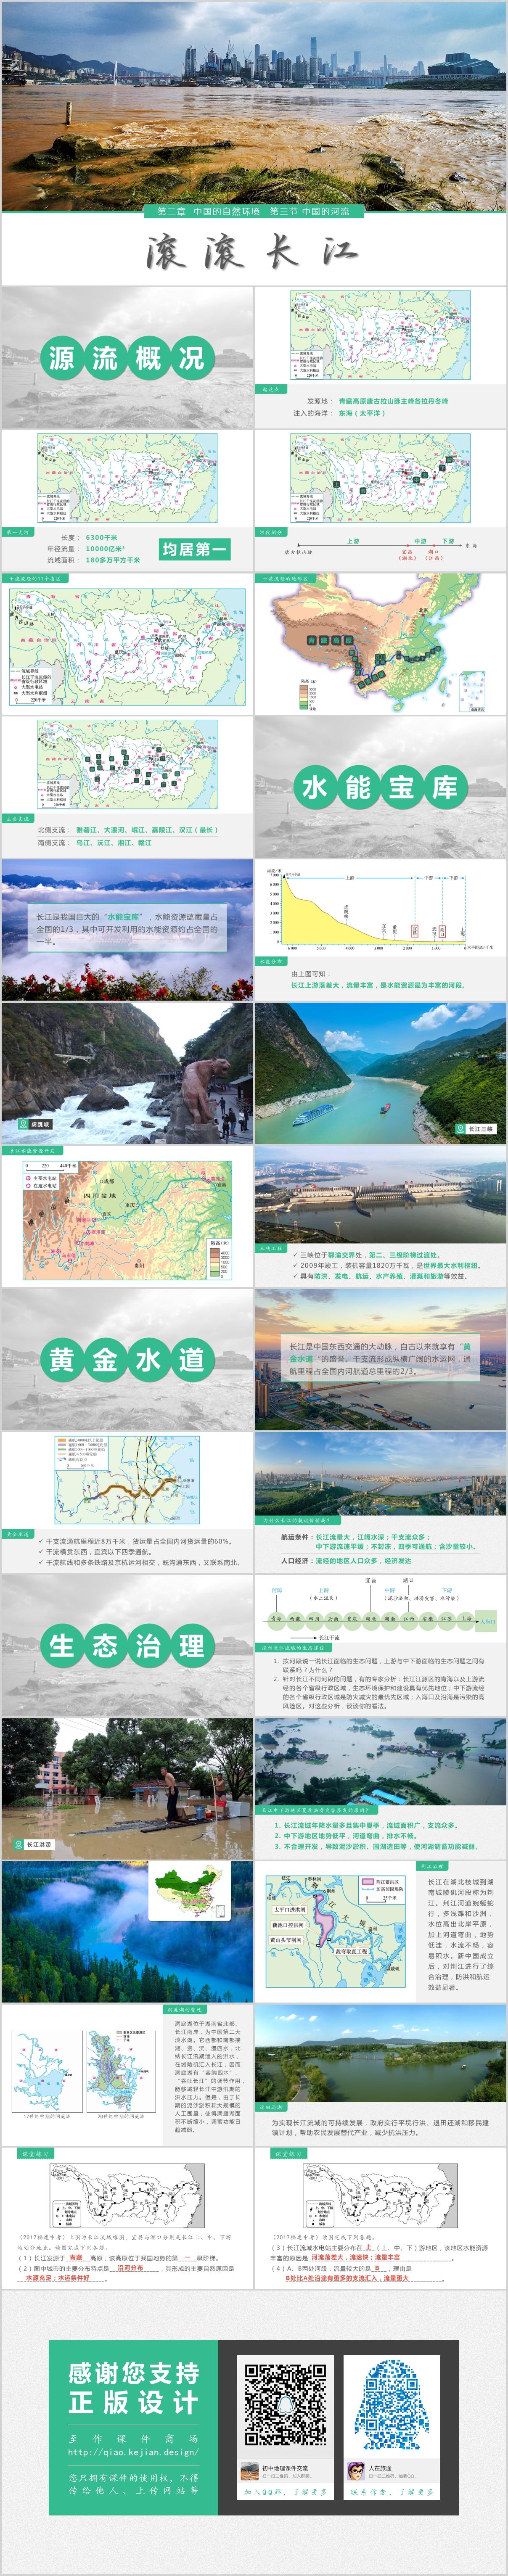 八2.3 中国的河流(3).jpg